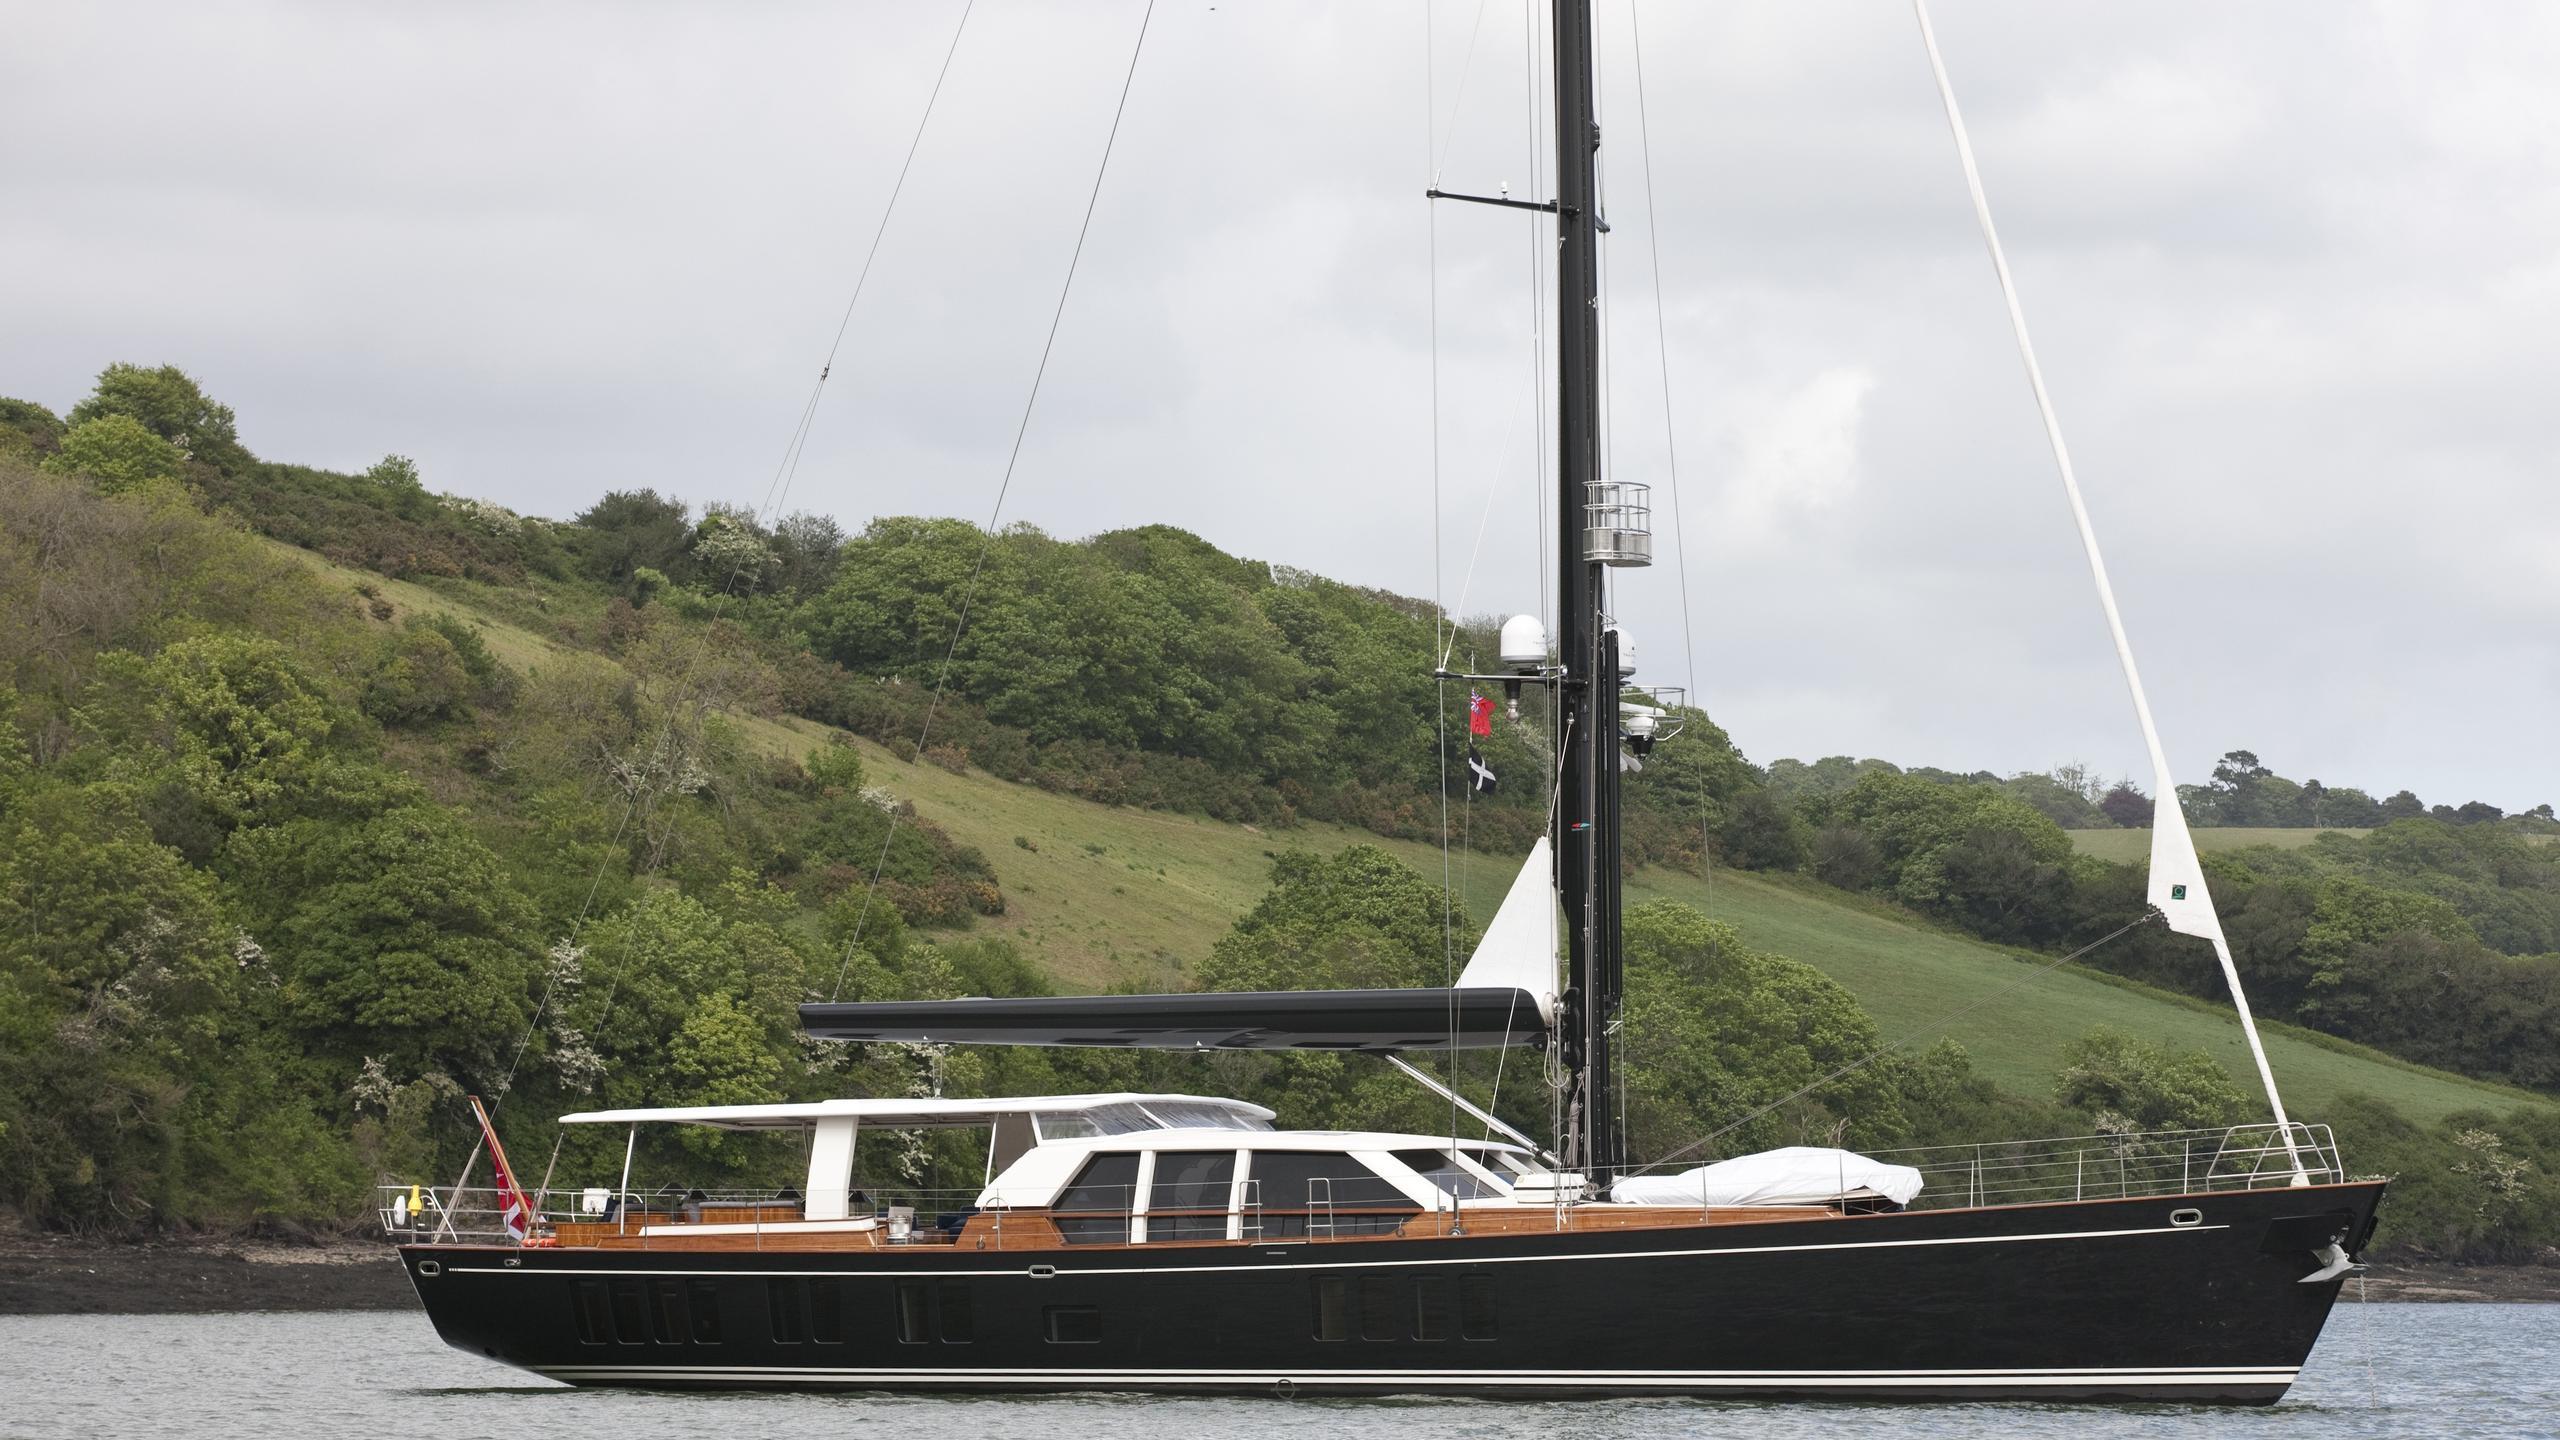 Akalam sailing yacht at anchor